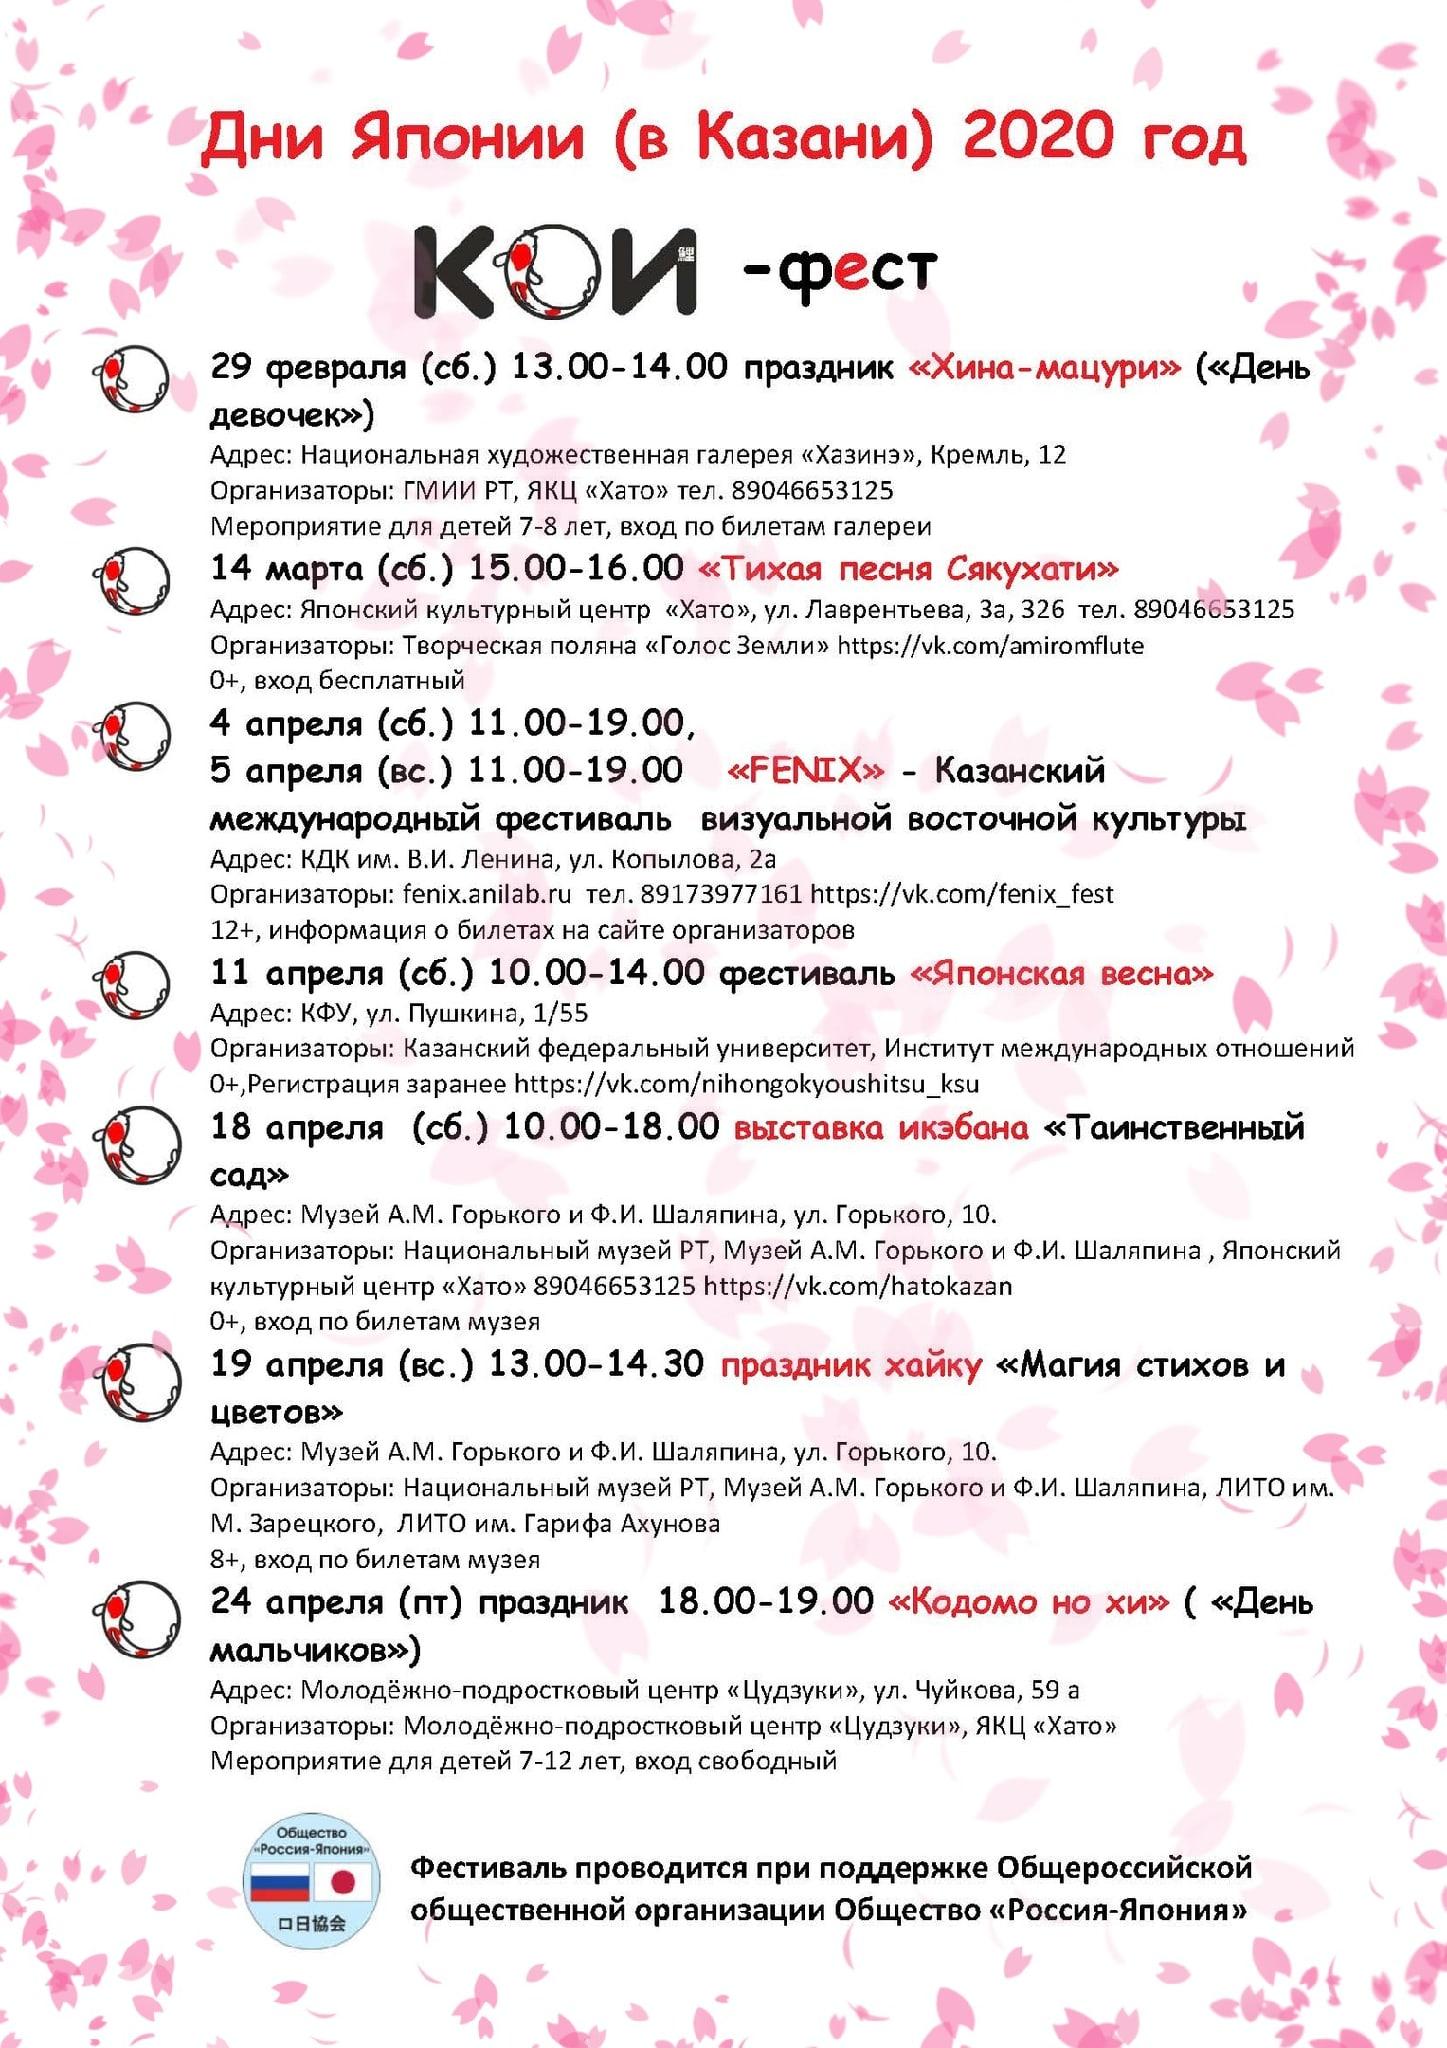 Дни Японии в Казани::Служебный